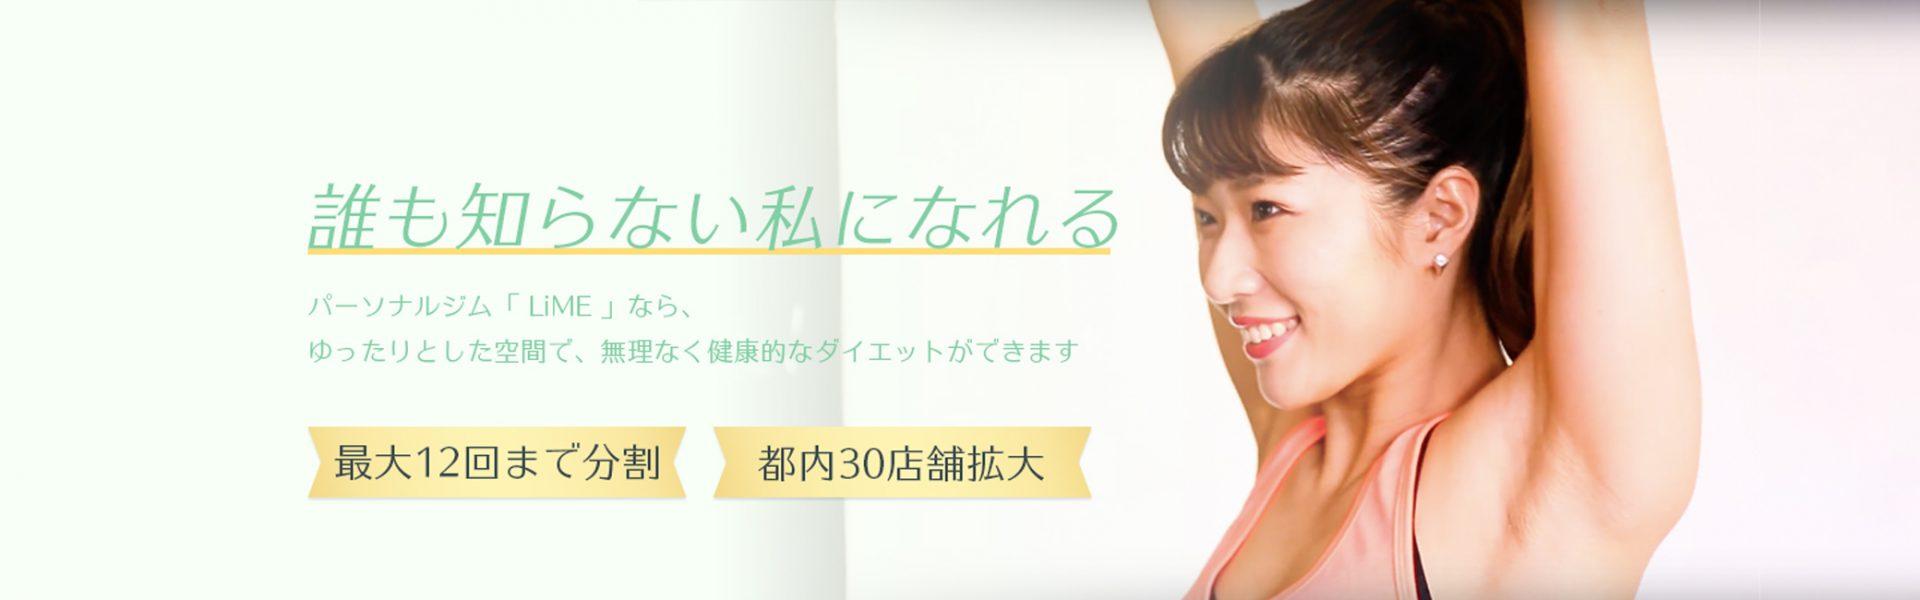 東京神楽坂パーソナルトレーニングジム LiME